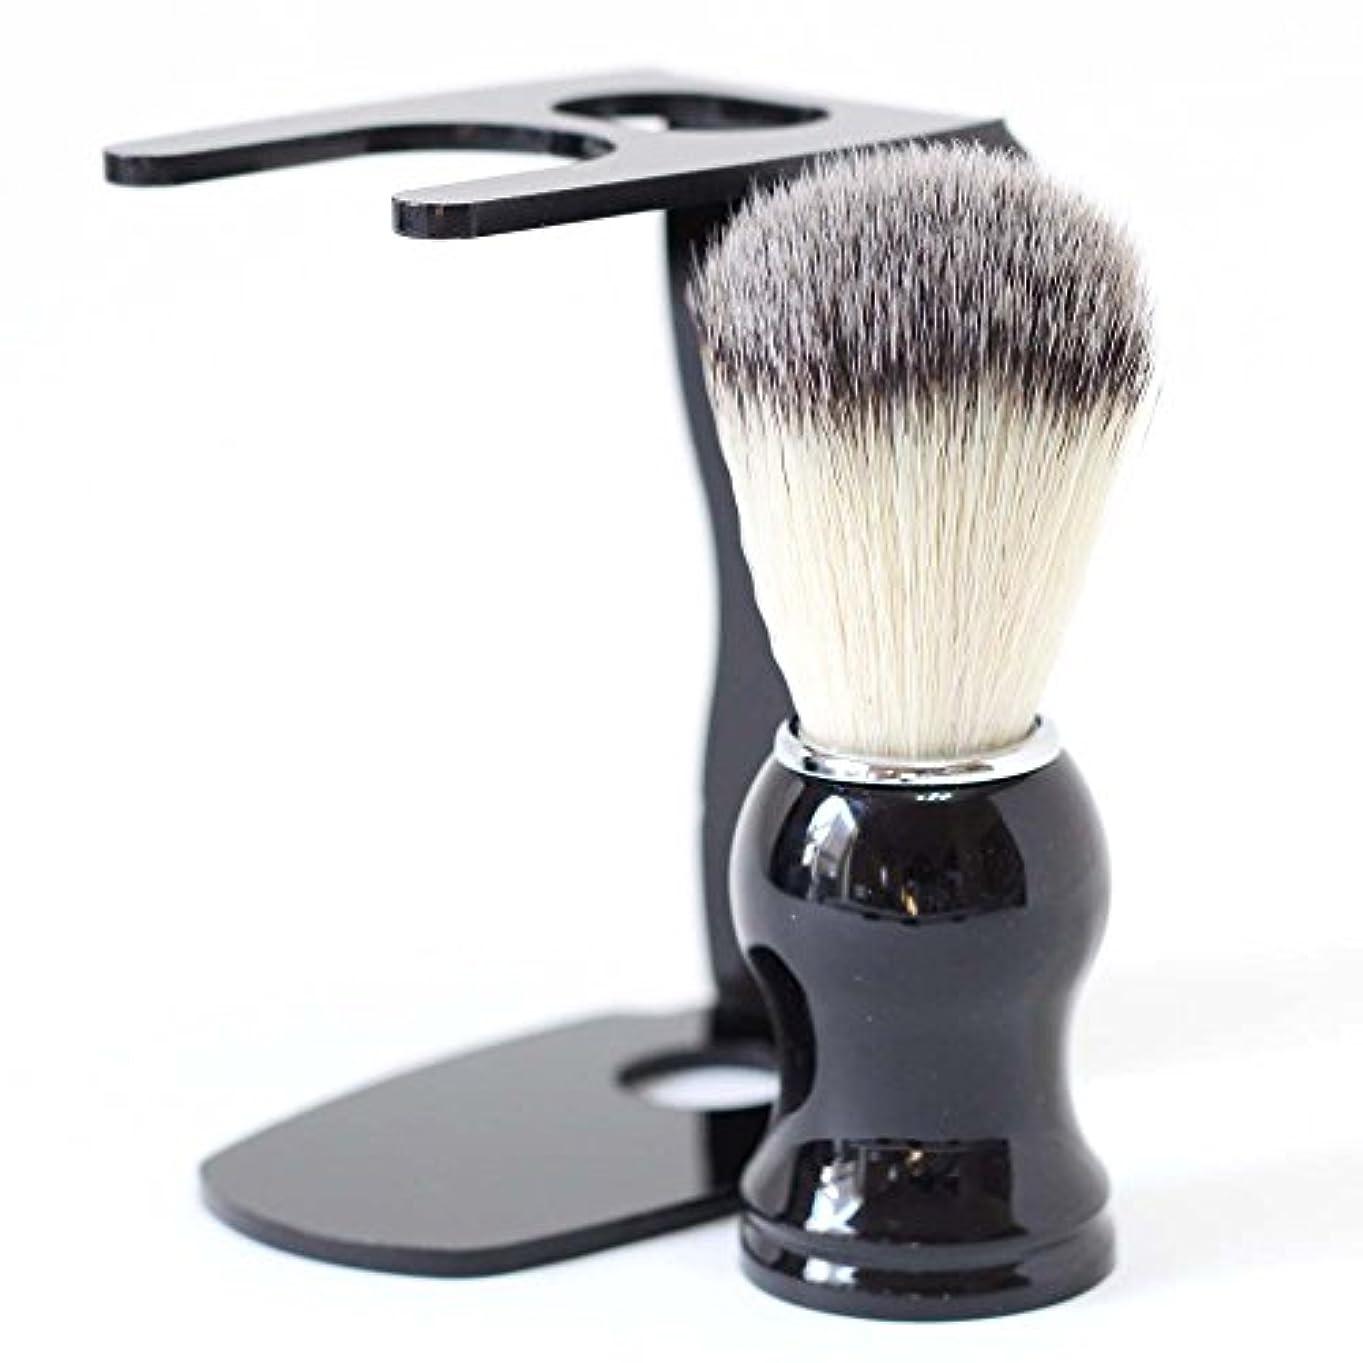 シンジケート浮く超えて【Barsado】泡立ちが違う 100% アナグマ 毛 シェービング ブラシ スタンド付き/理容 洗顔 髭剃り マッサージ 効果